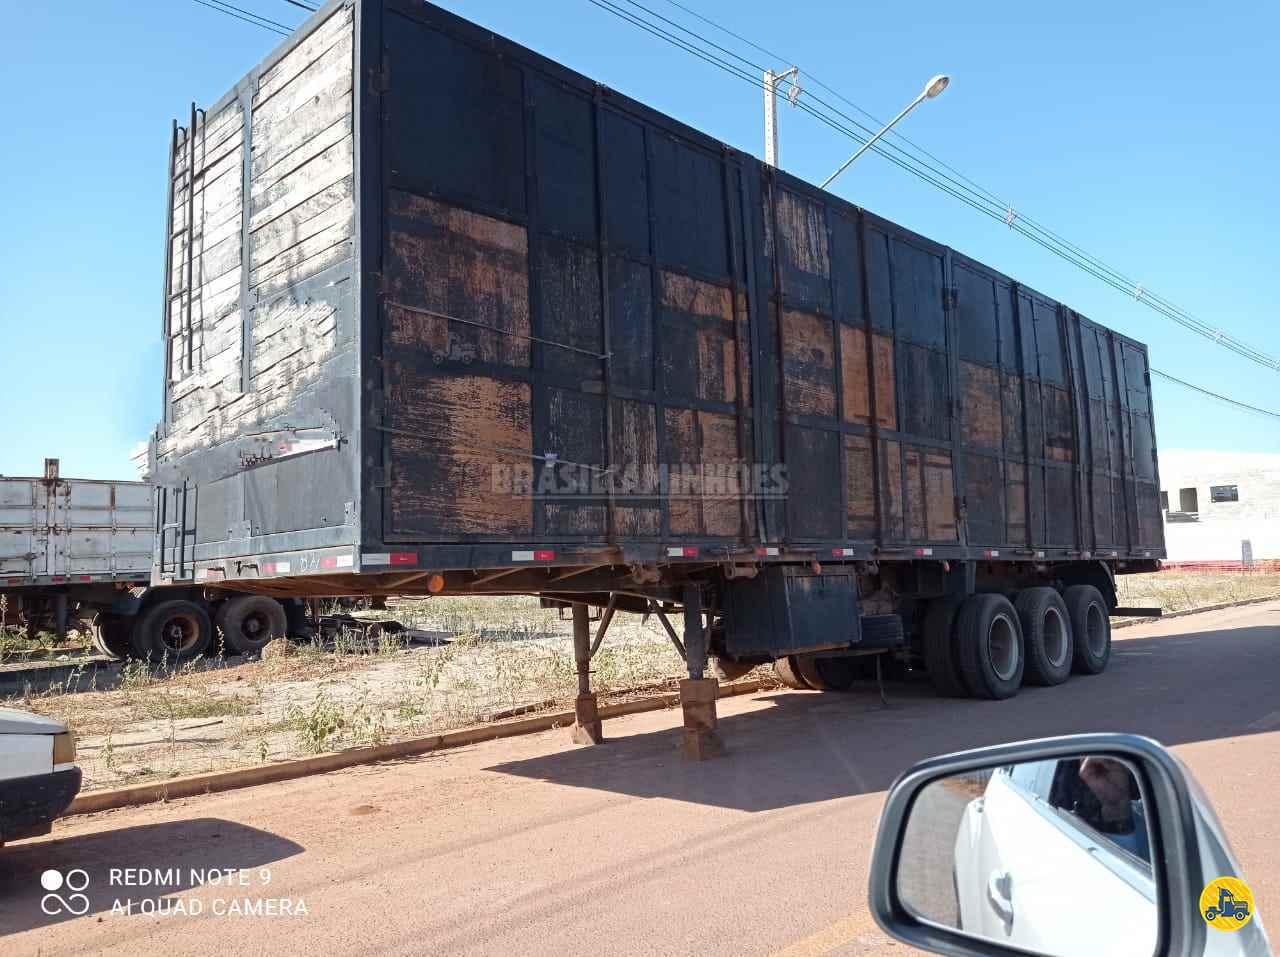 CARRETA SEMI-REBOQUE CAVAQUEIRA Brasil Caminhões Sinop SINOP MATO GROSSO MT